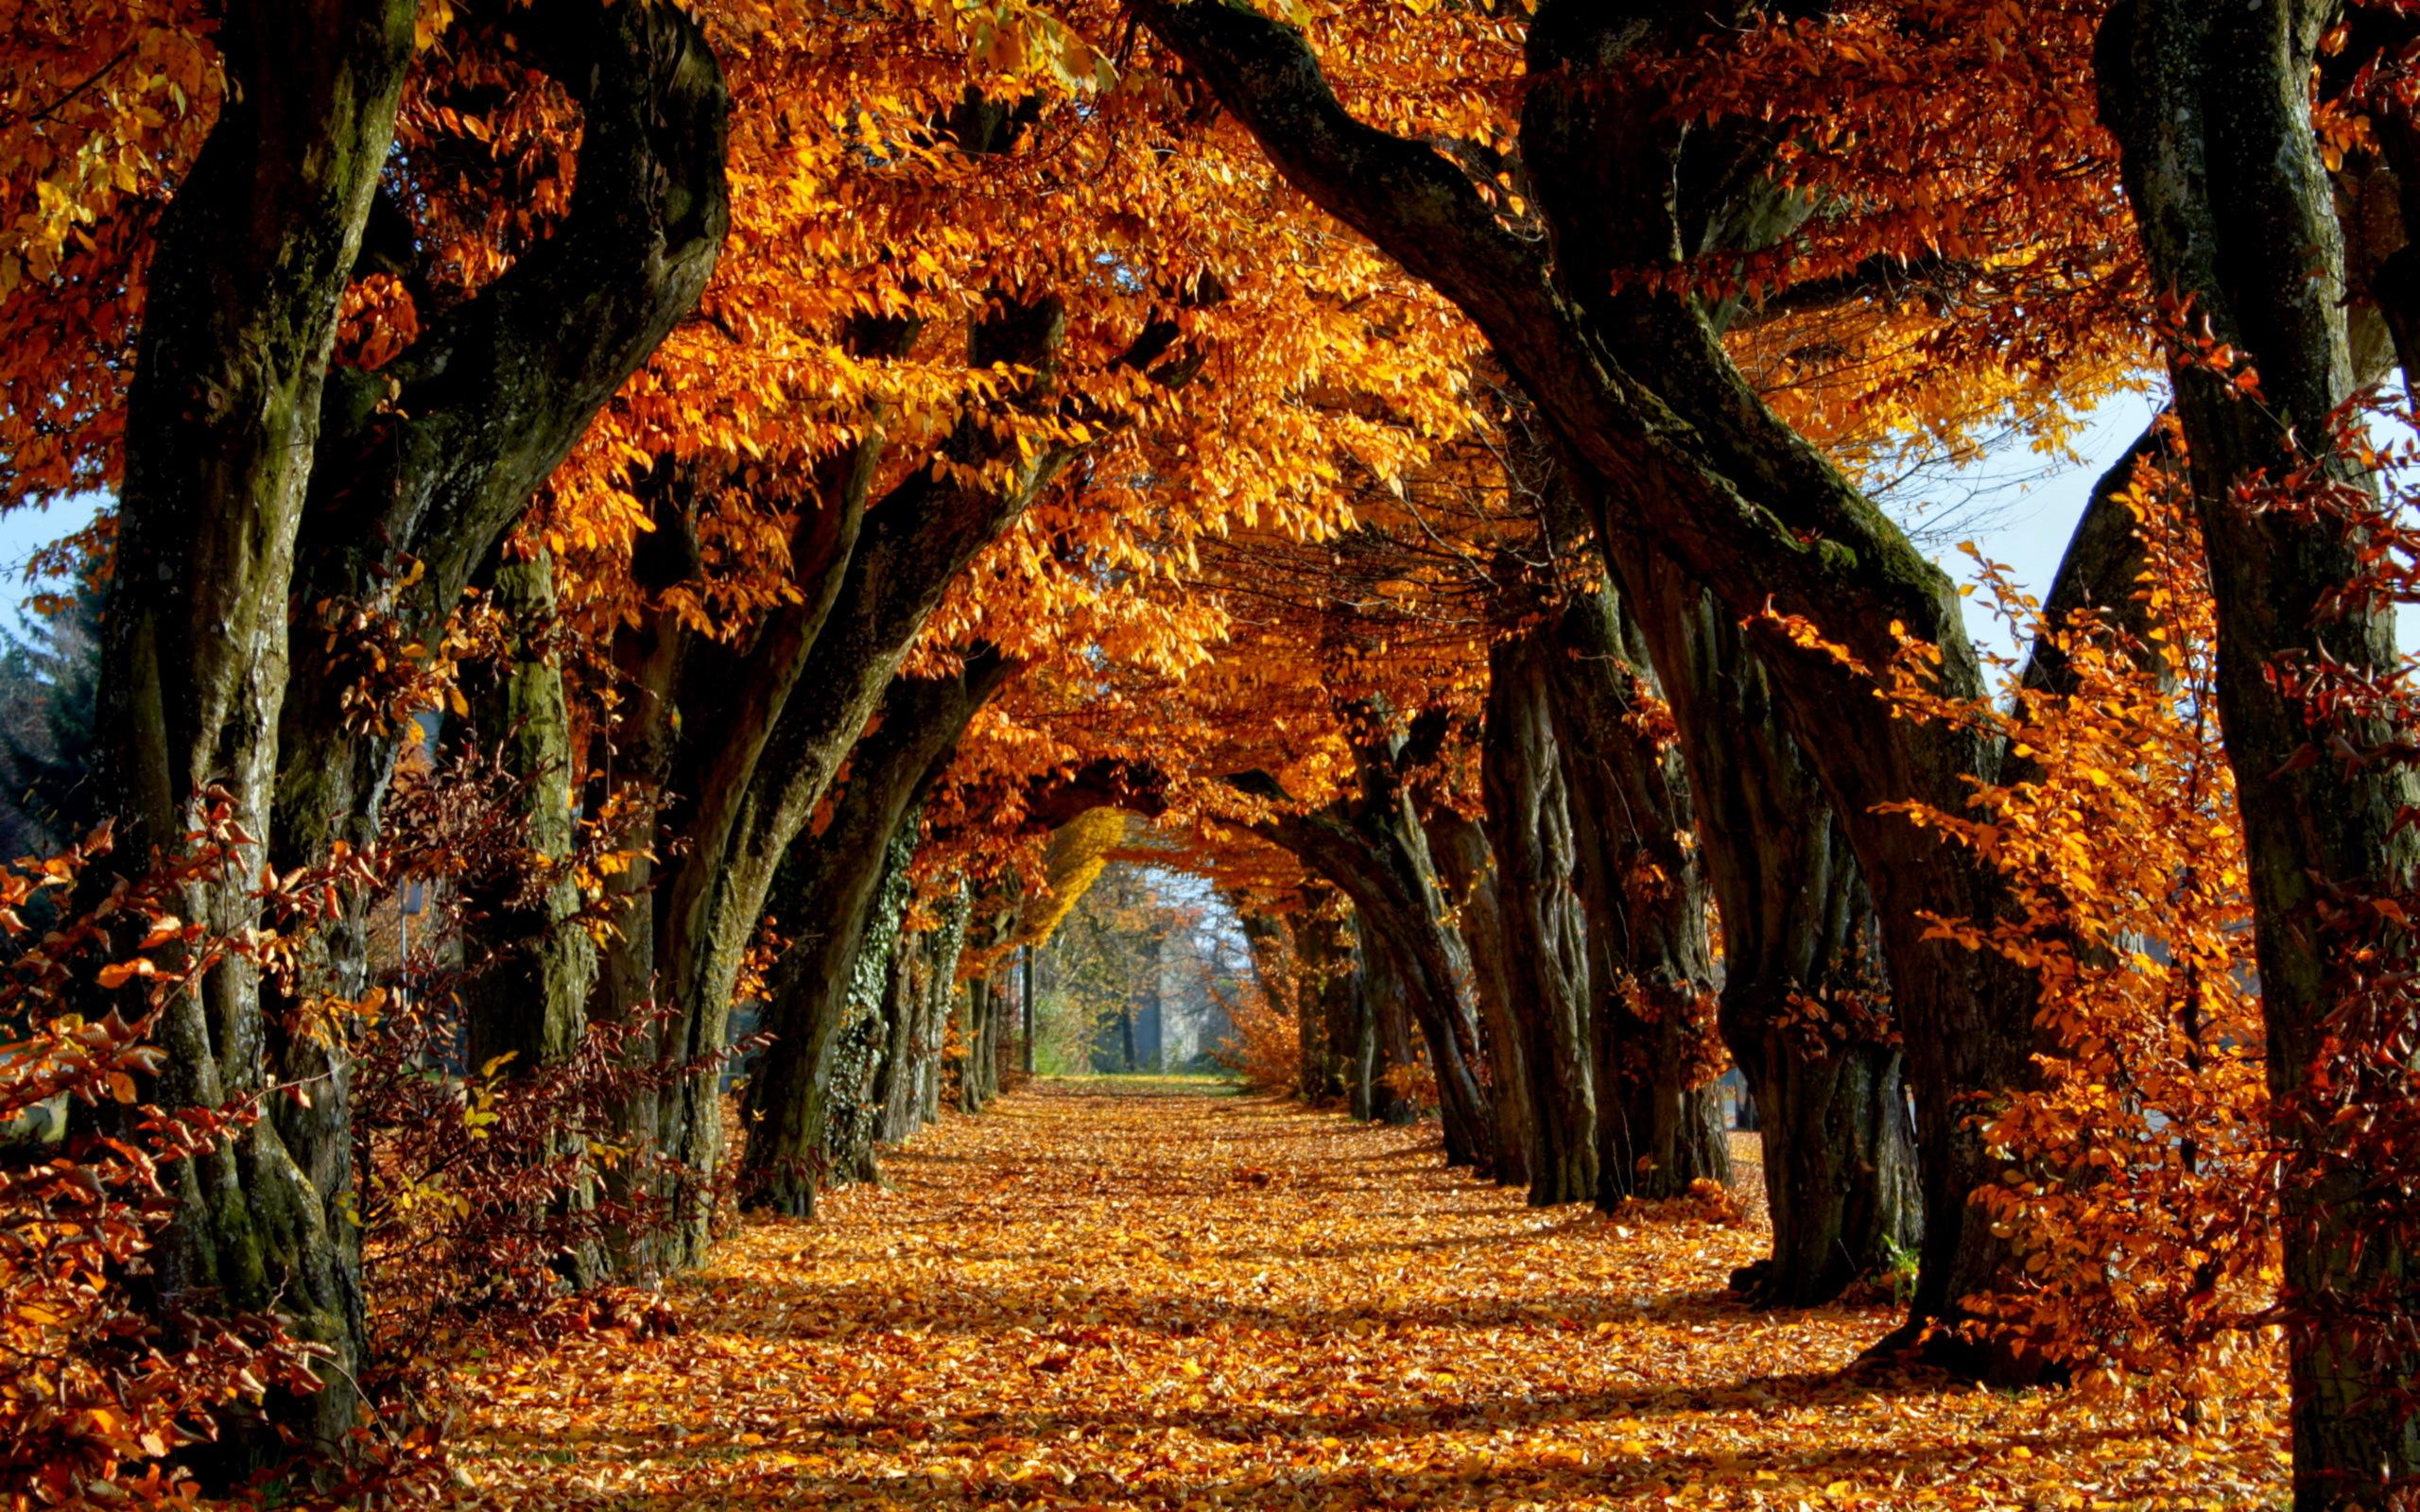 Autumn Wallpaper hd Widescreen hd wallpaper background desktop 2560x1600